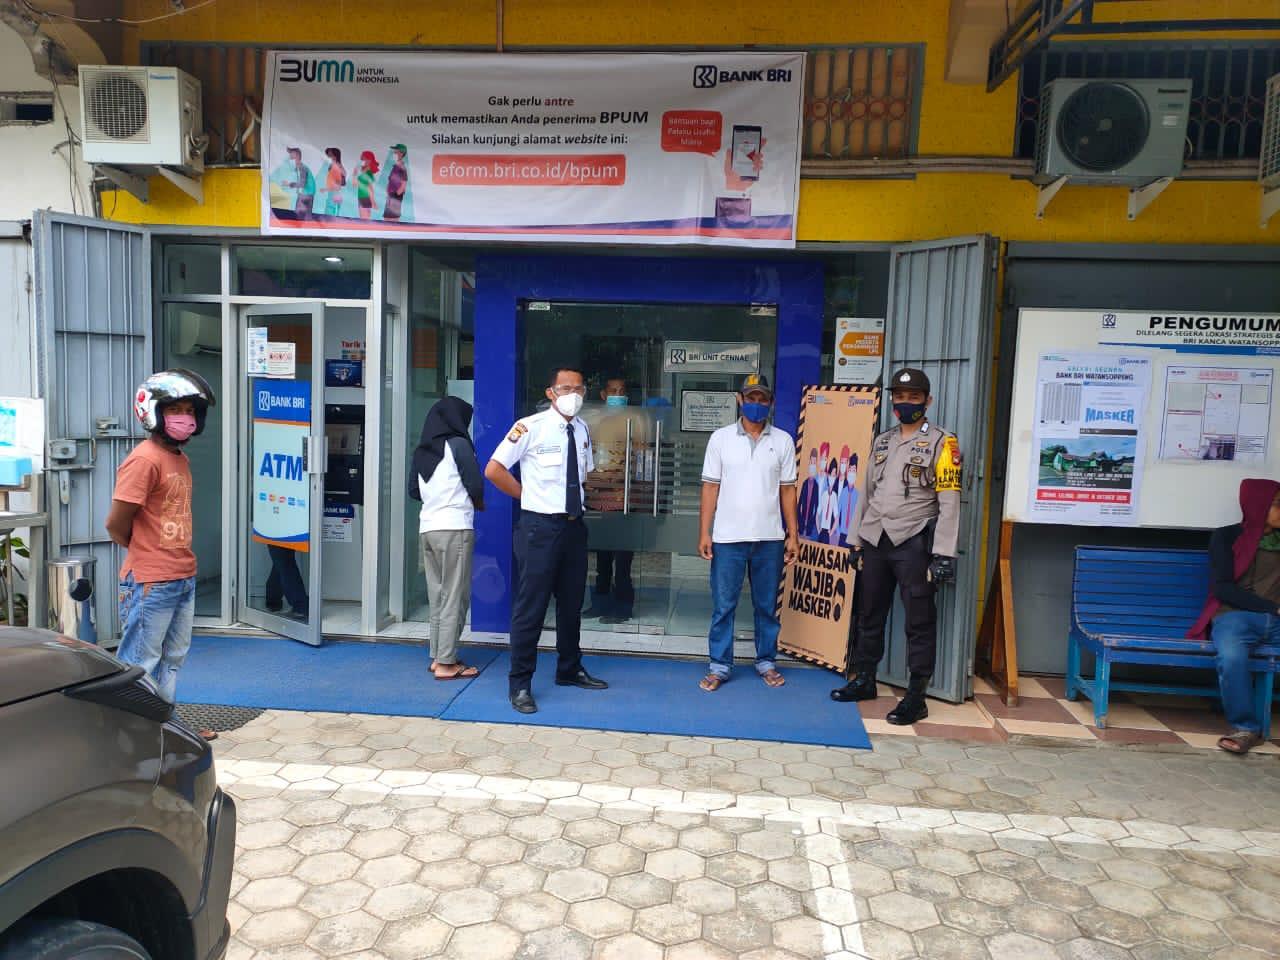 Bhabinkamtibmas Polsek Marioriwawo Imbau Karyawan dan Pengunjung Disiplin 4M